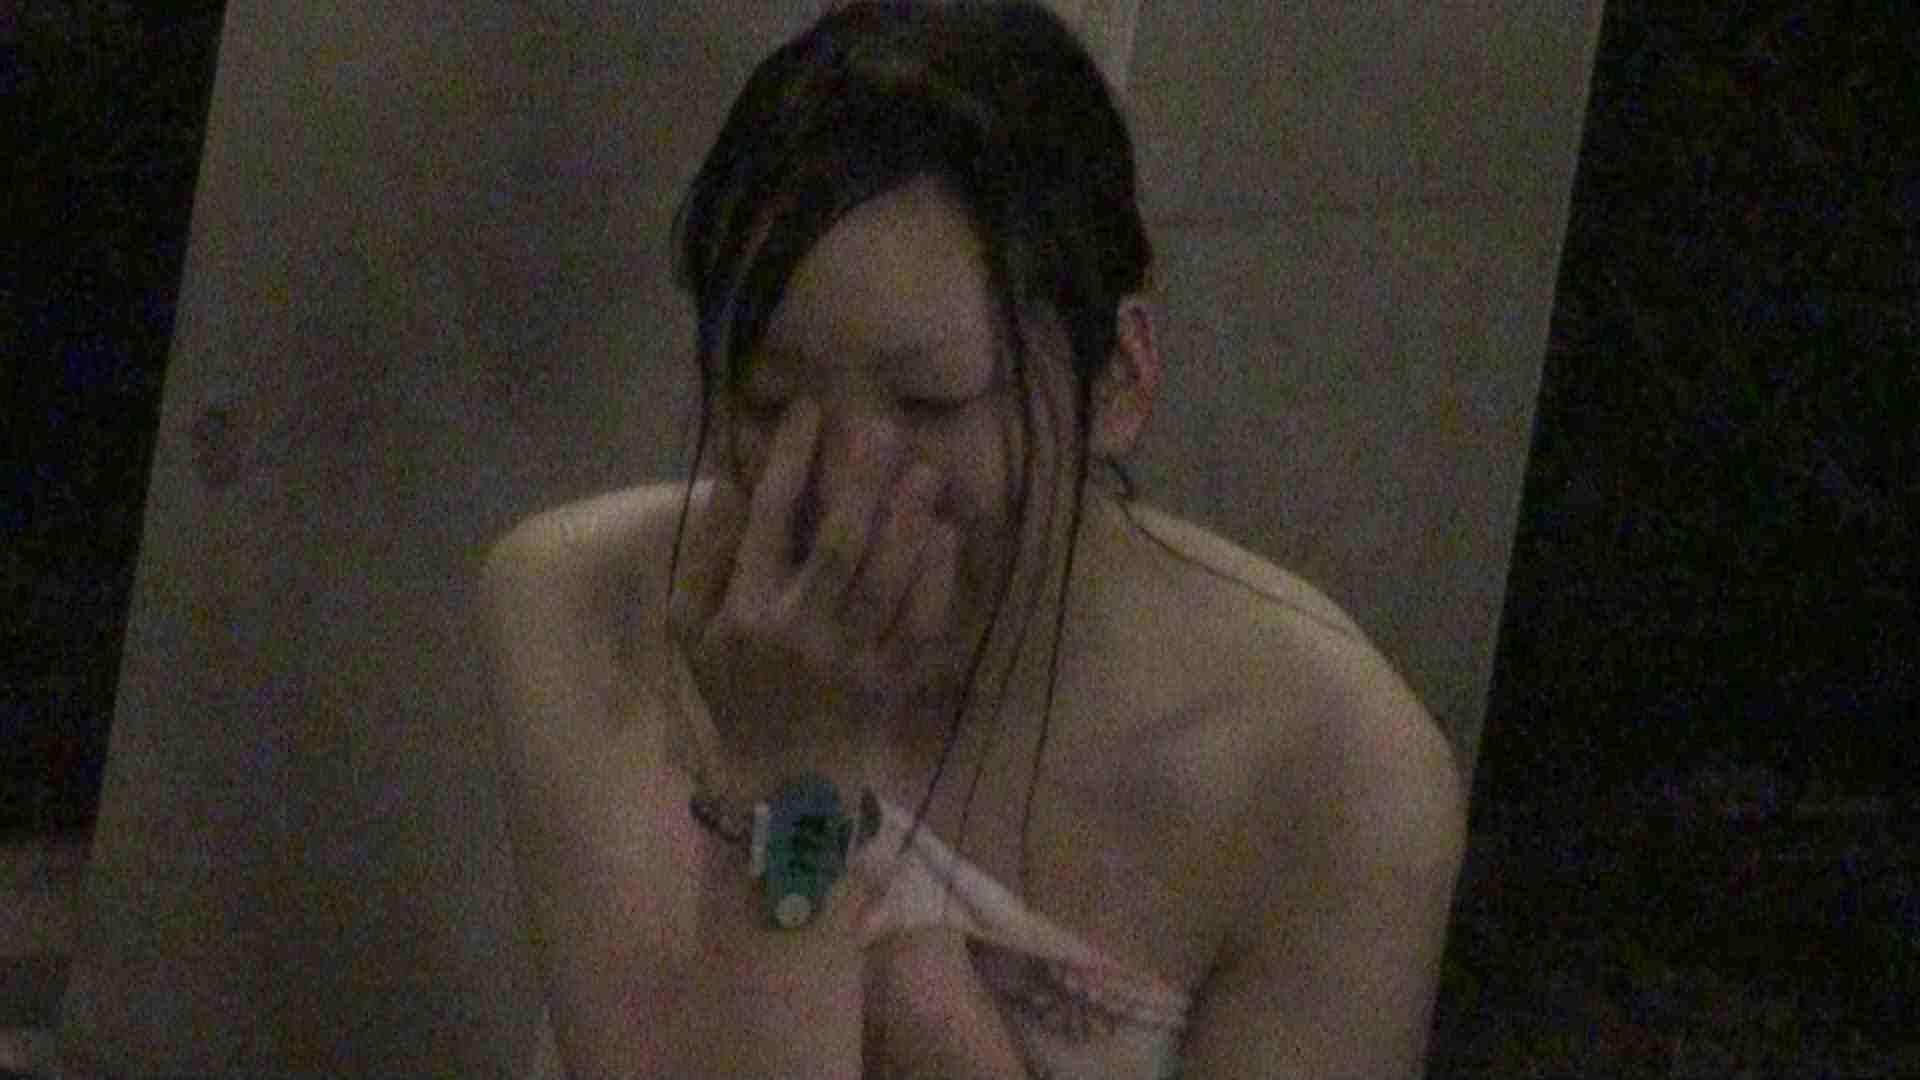 Aquaな露天風呂Vol.383 盗撮 | 露天  103画像 52